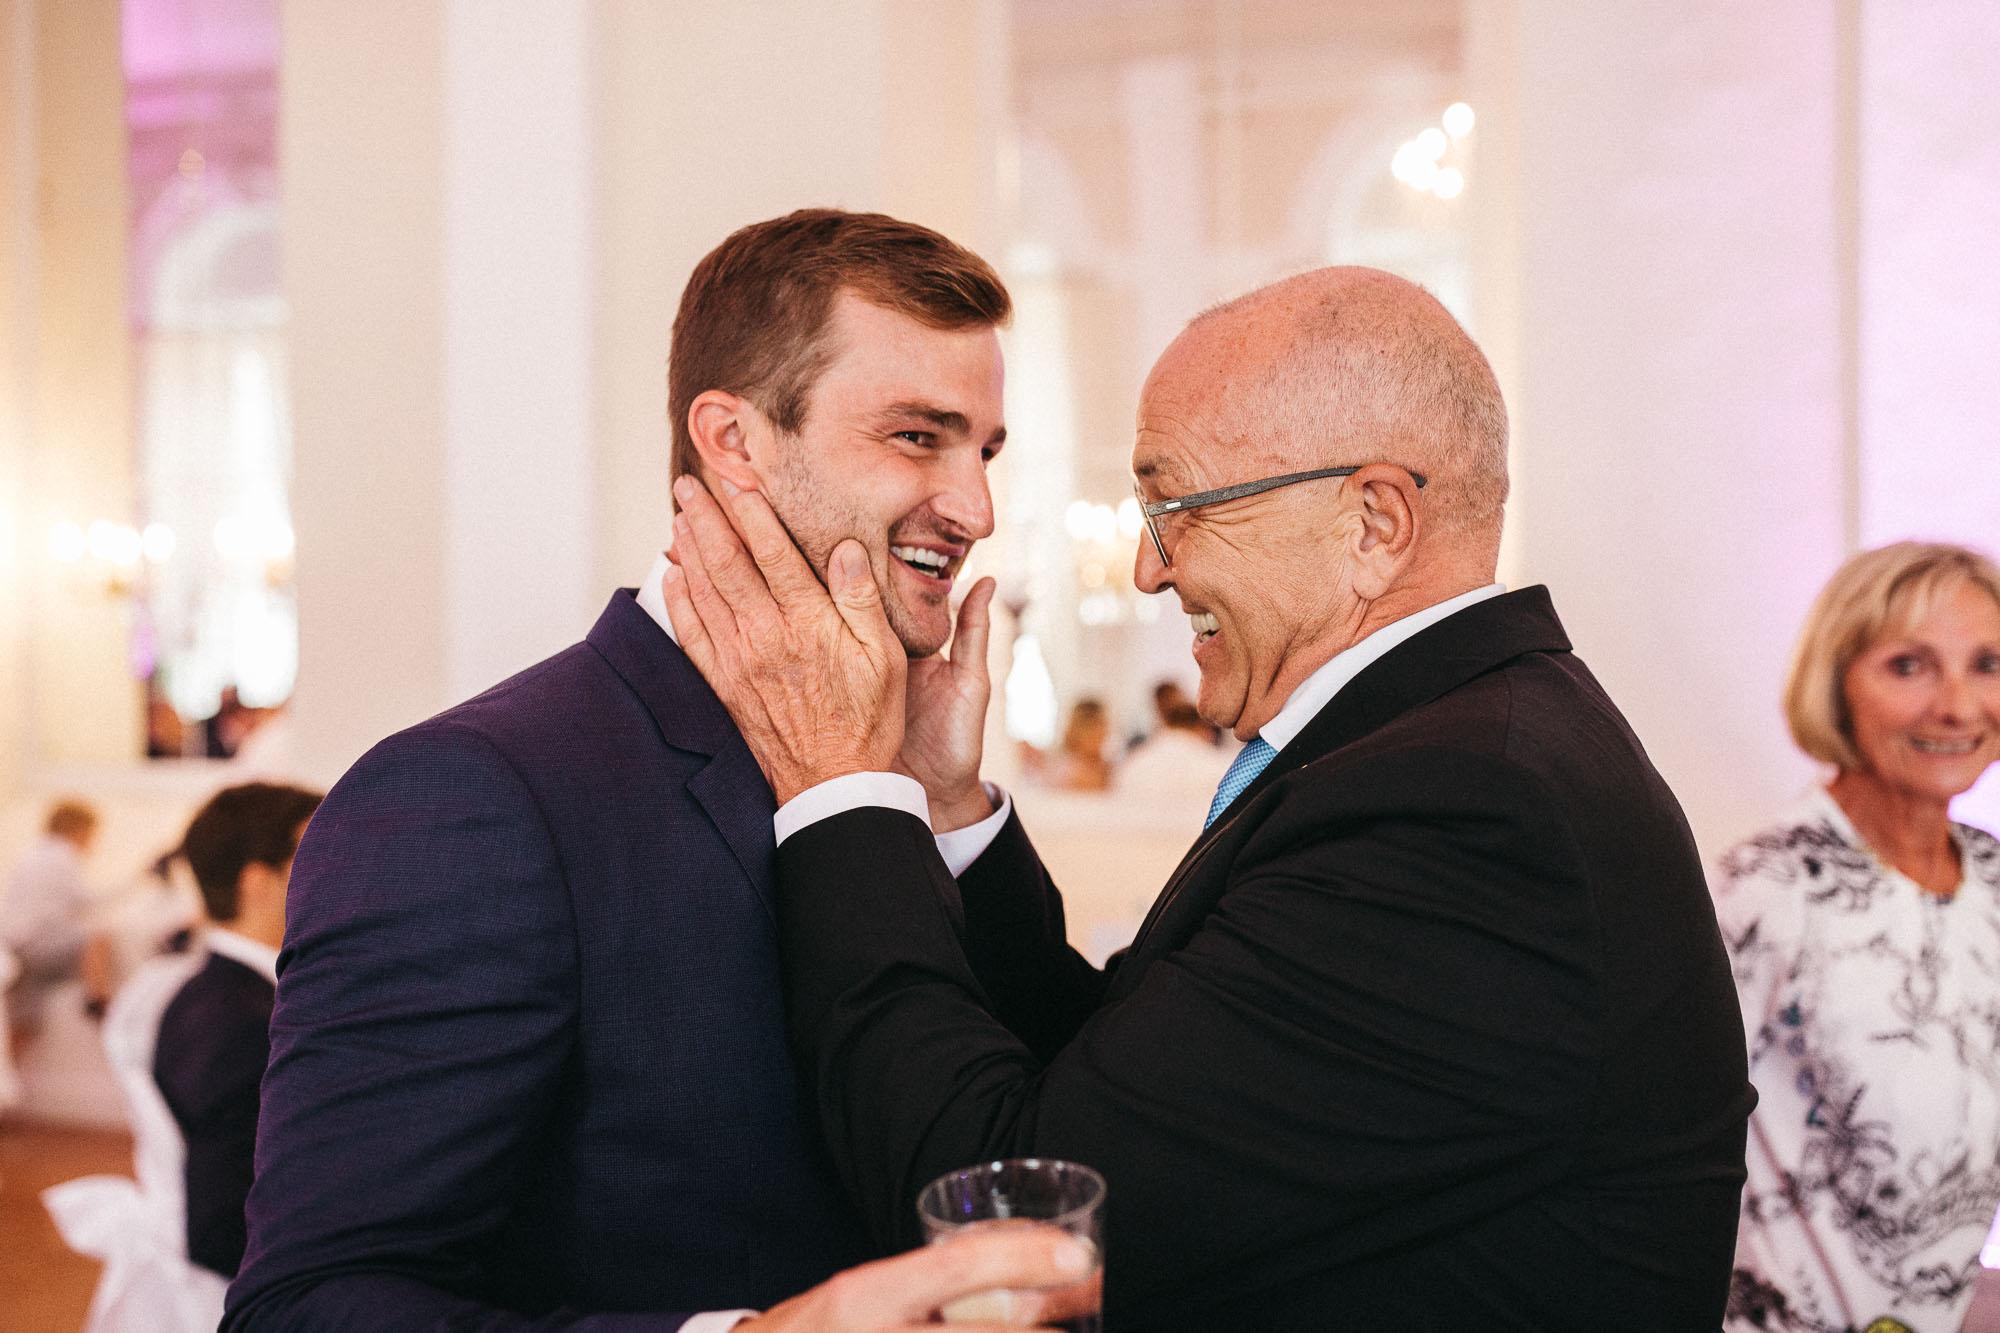 raissa simon photography wedding mosel kloster machern love authentic 620 - Kathrin + Dominik